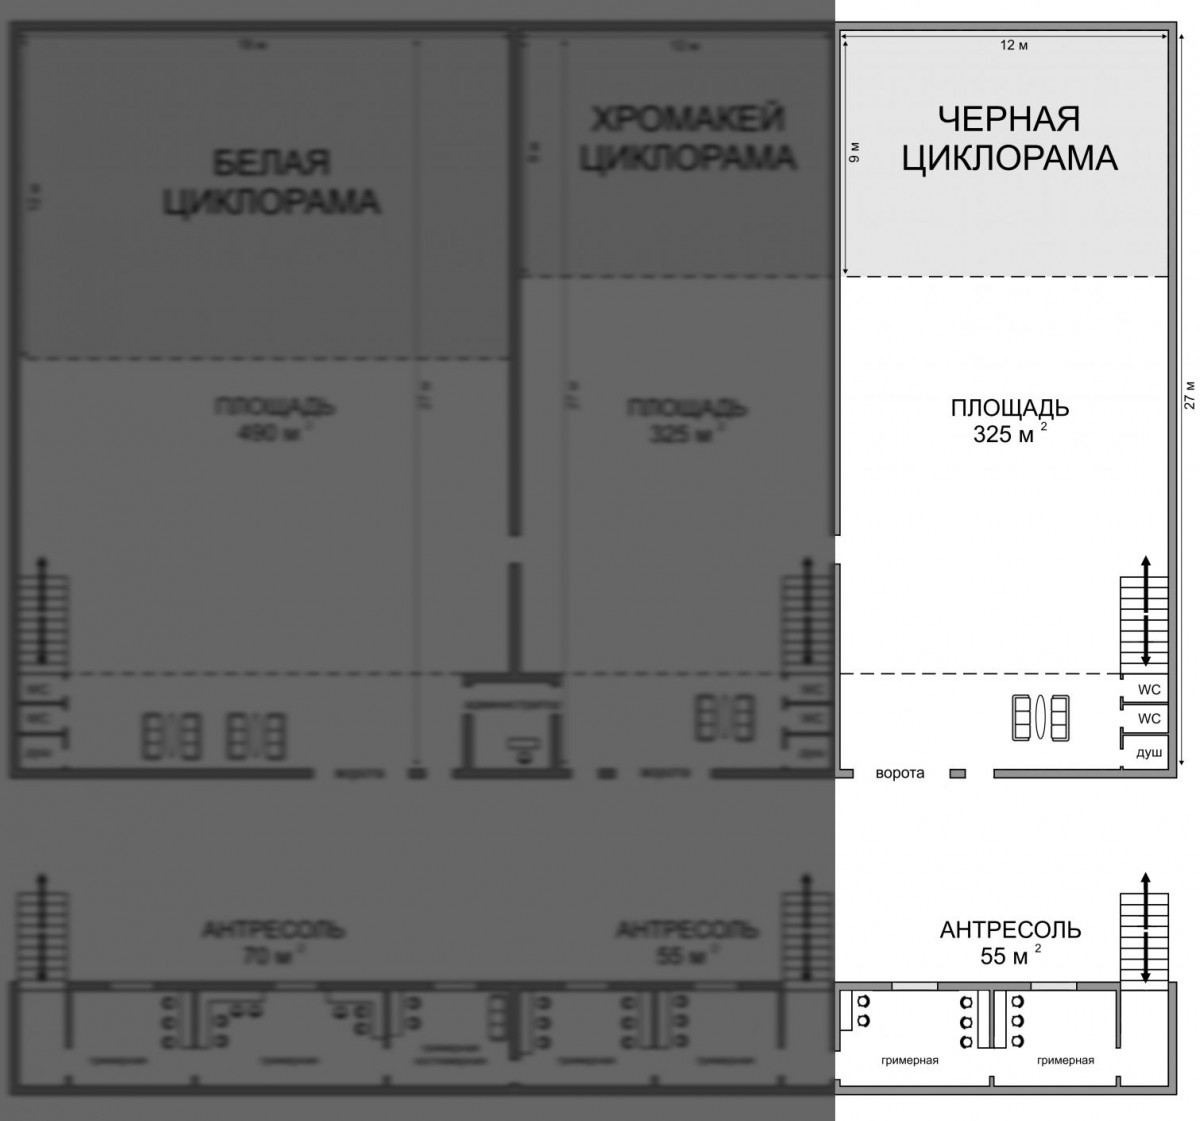 Съемочный павильон 380 м<sup>2</sup><br>(Зал с черной циклорамой)